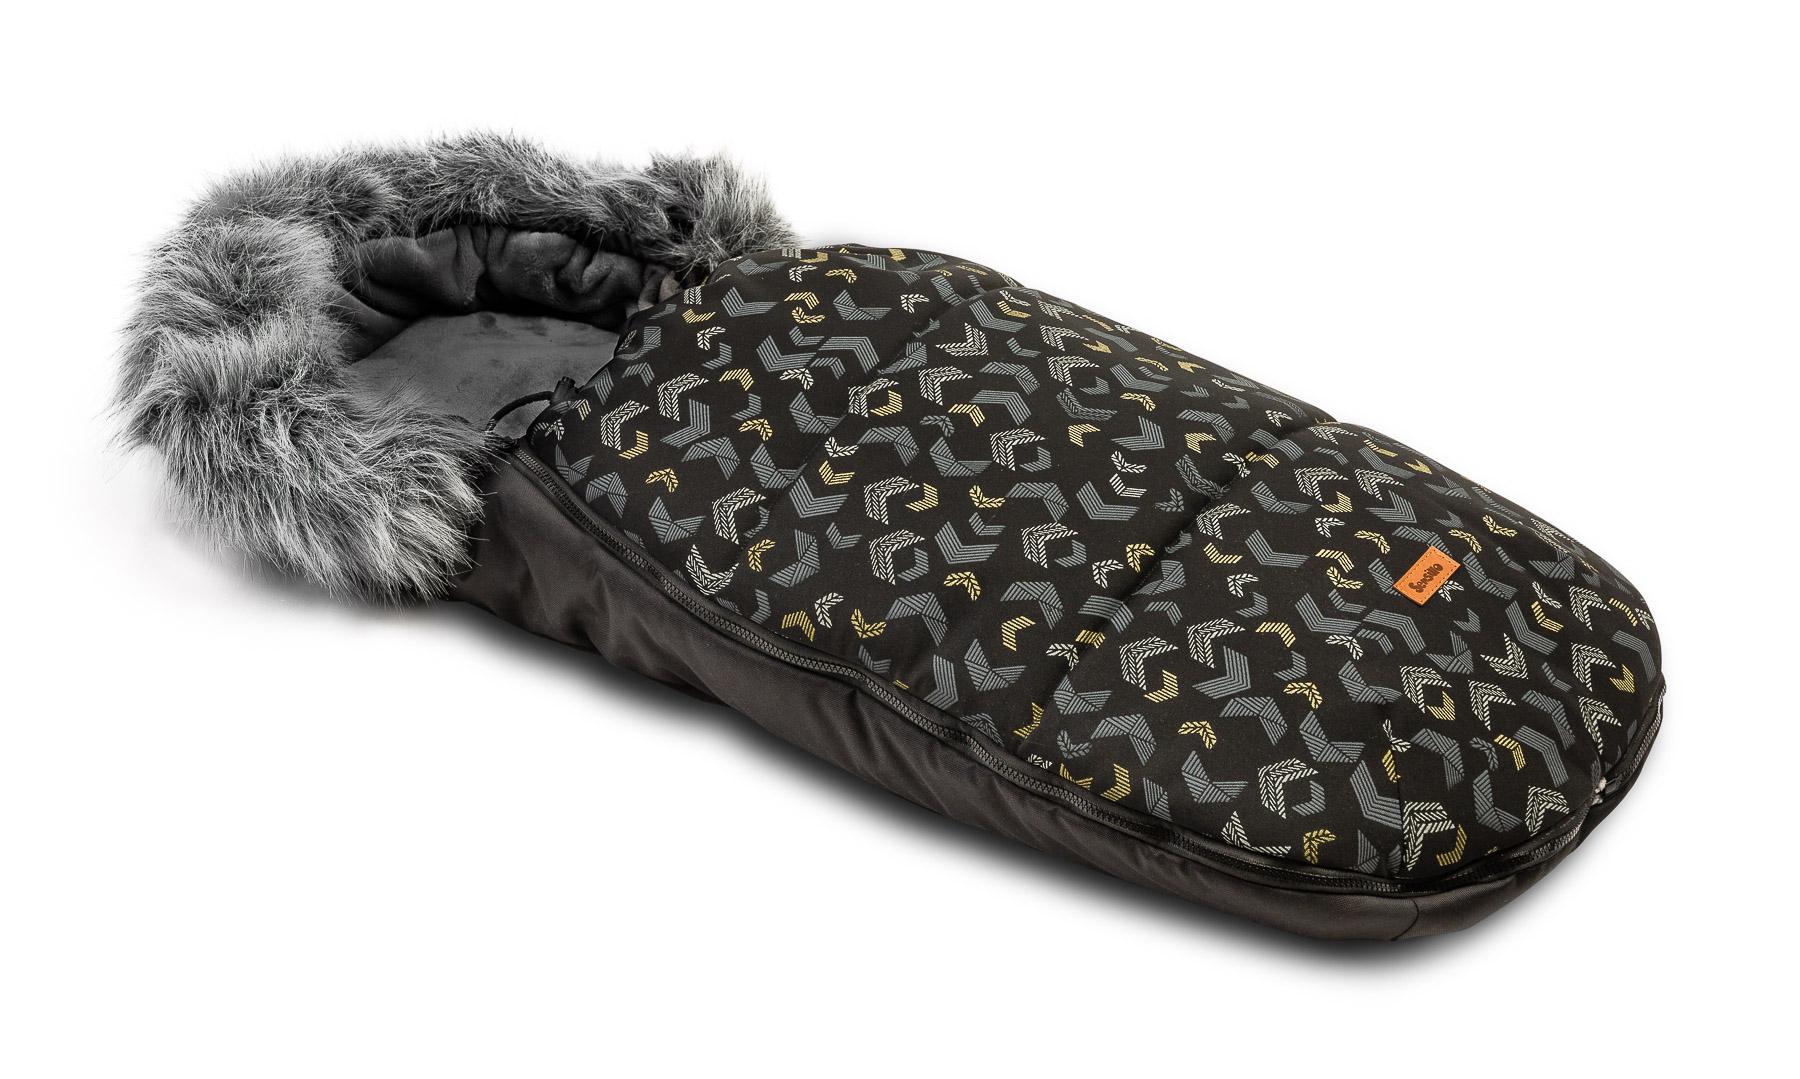 Olaf  Romper Bag – patterns black